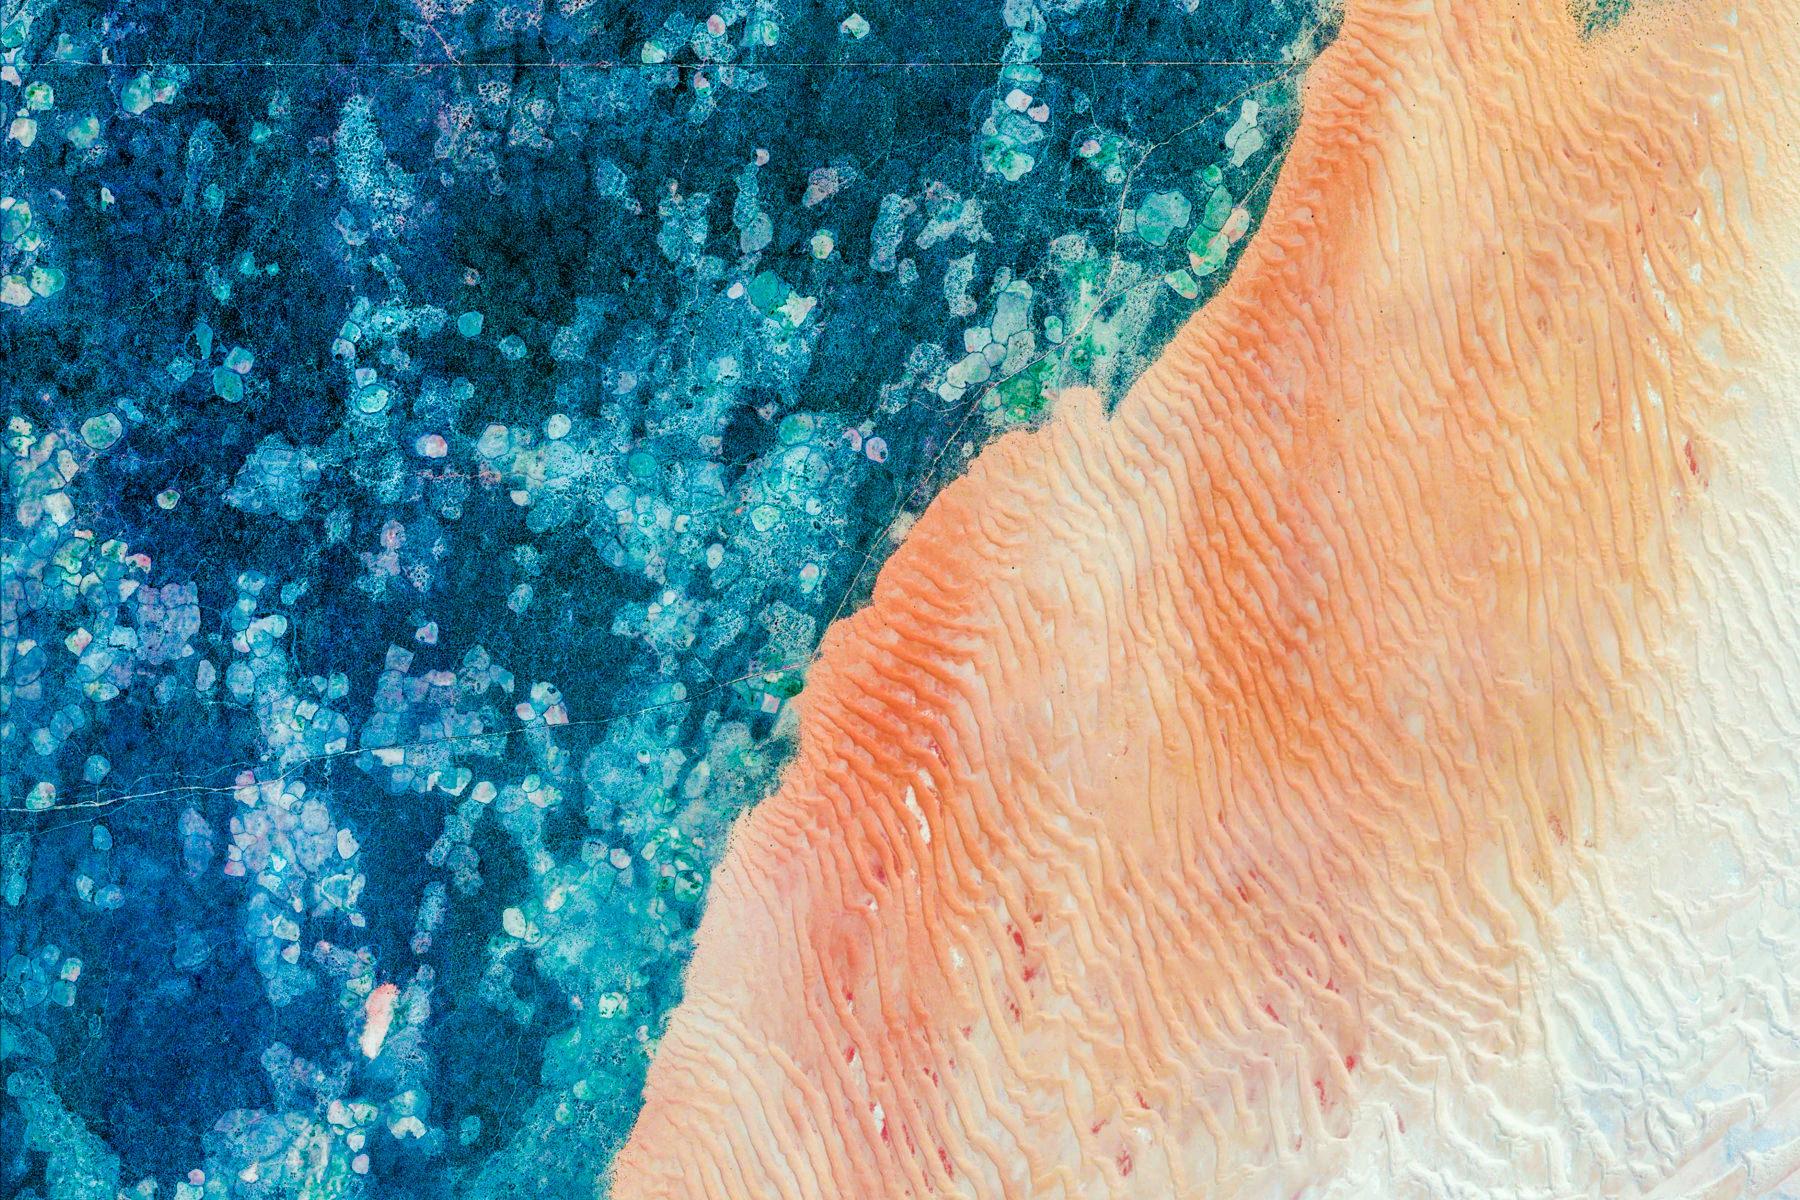 google-earth-Somalia-Xarardheere-13678